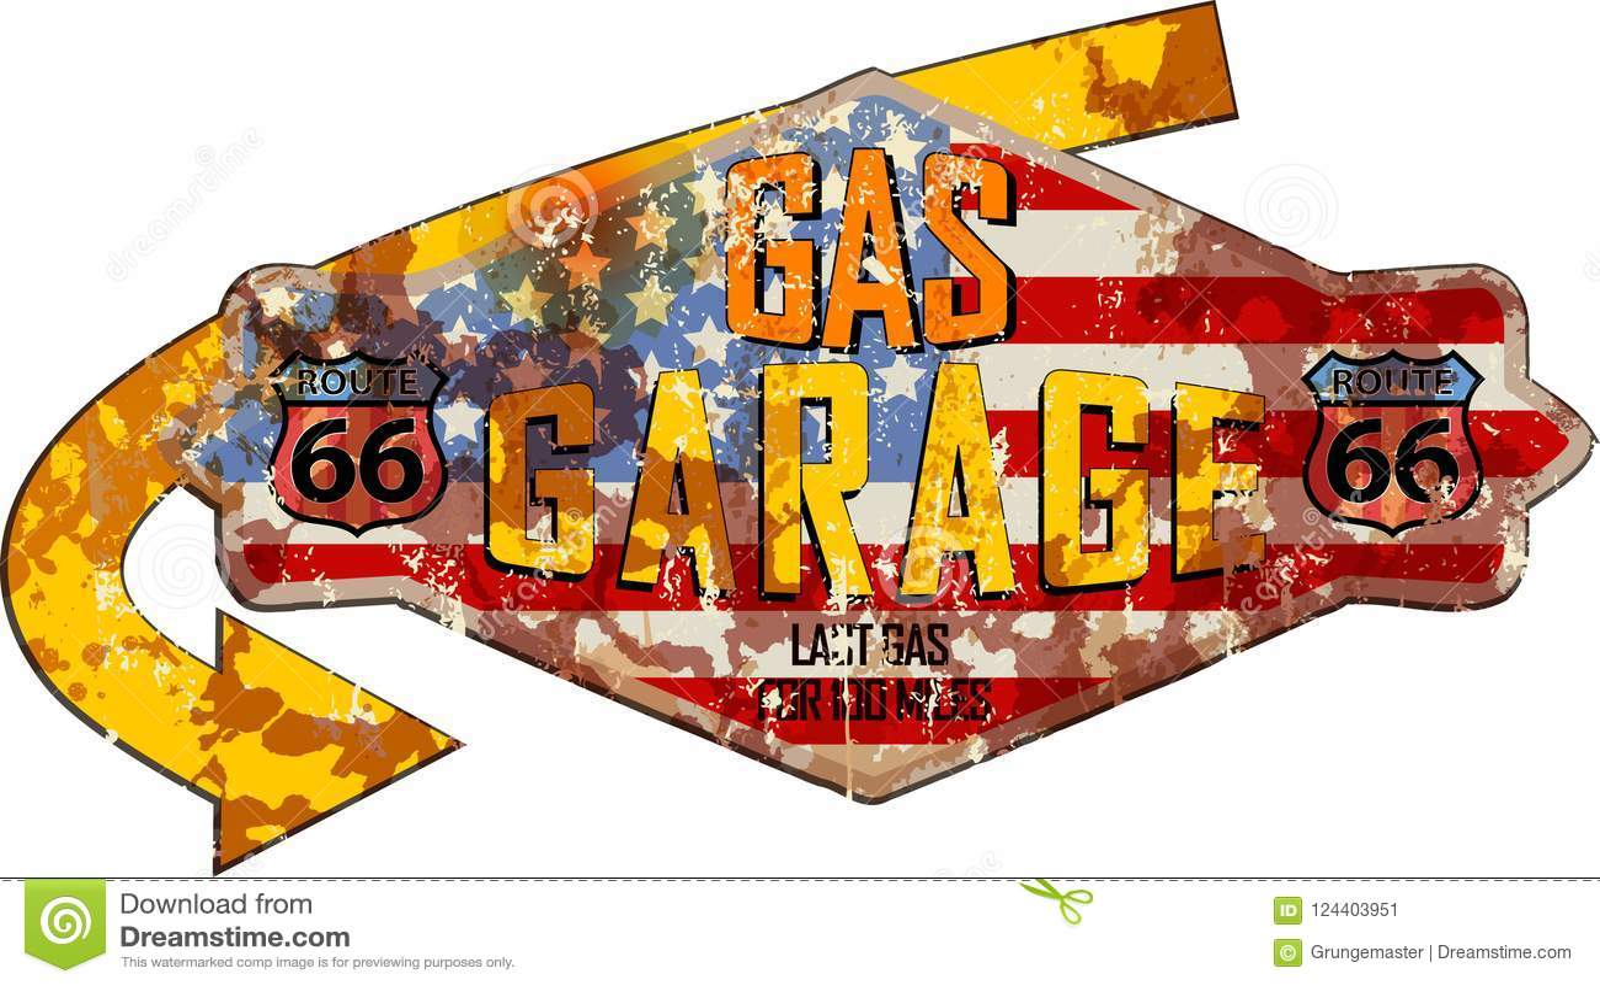 Garaje de Route 66 y muestra de la gasolinera